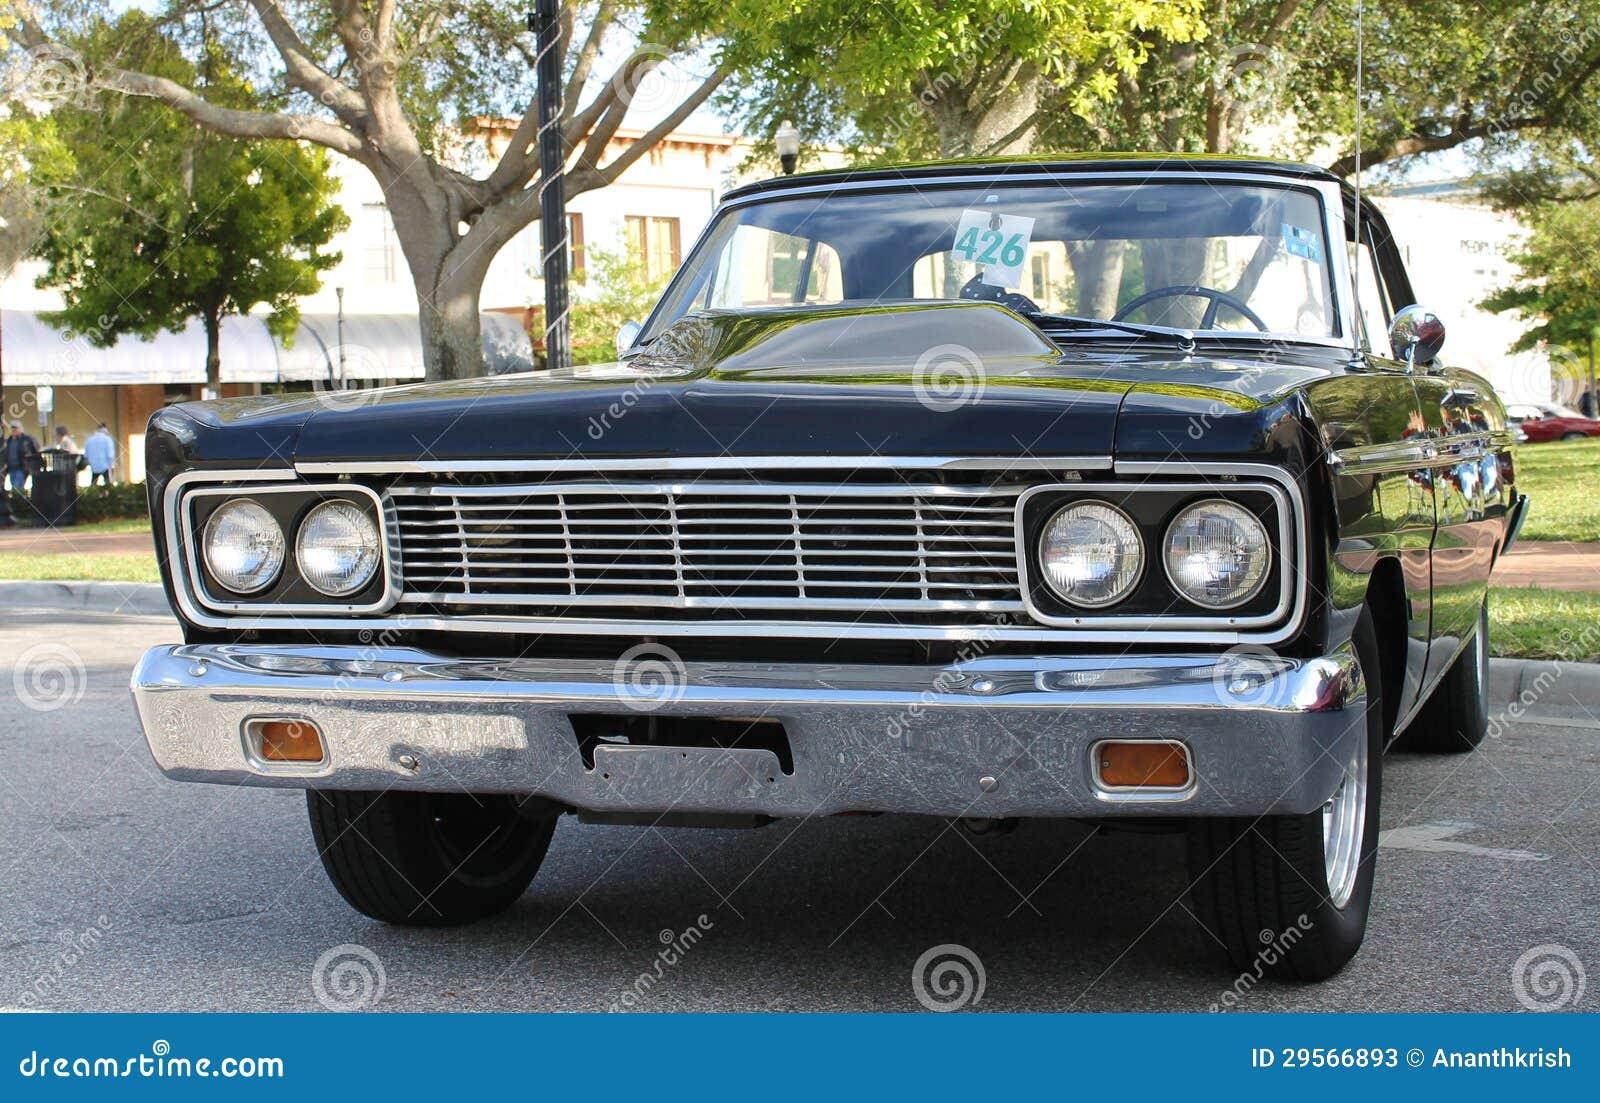 Παλαιό αυτοκίνητο της Ford Fairlane